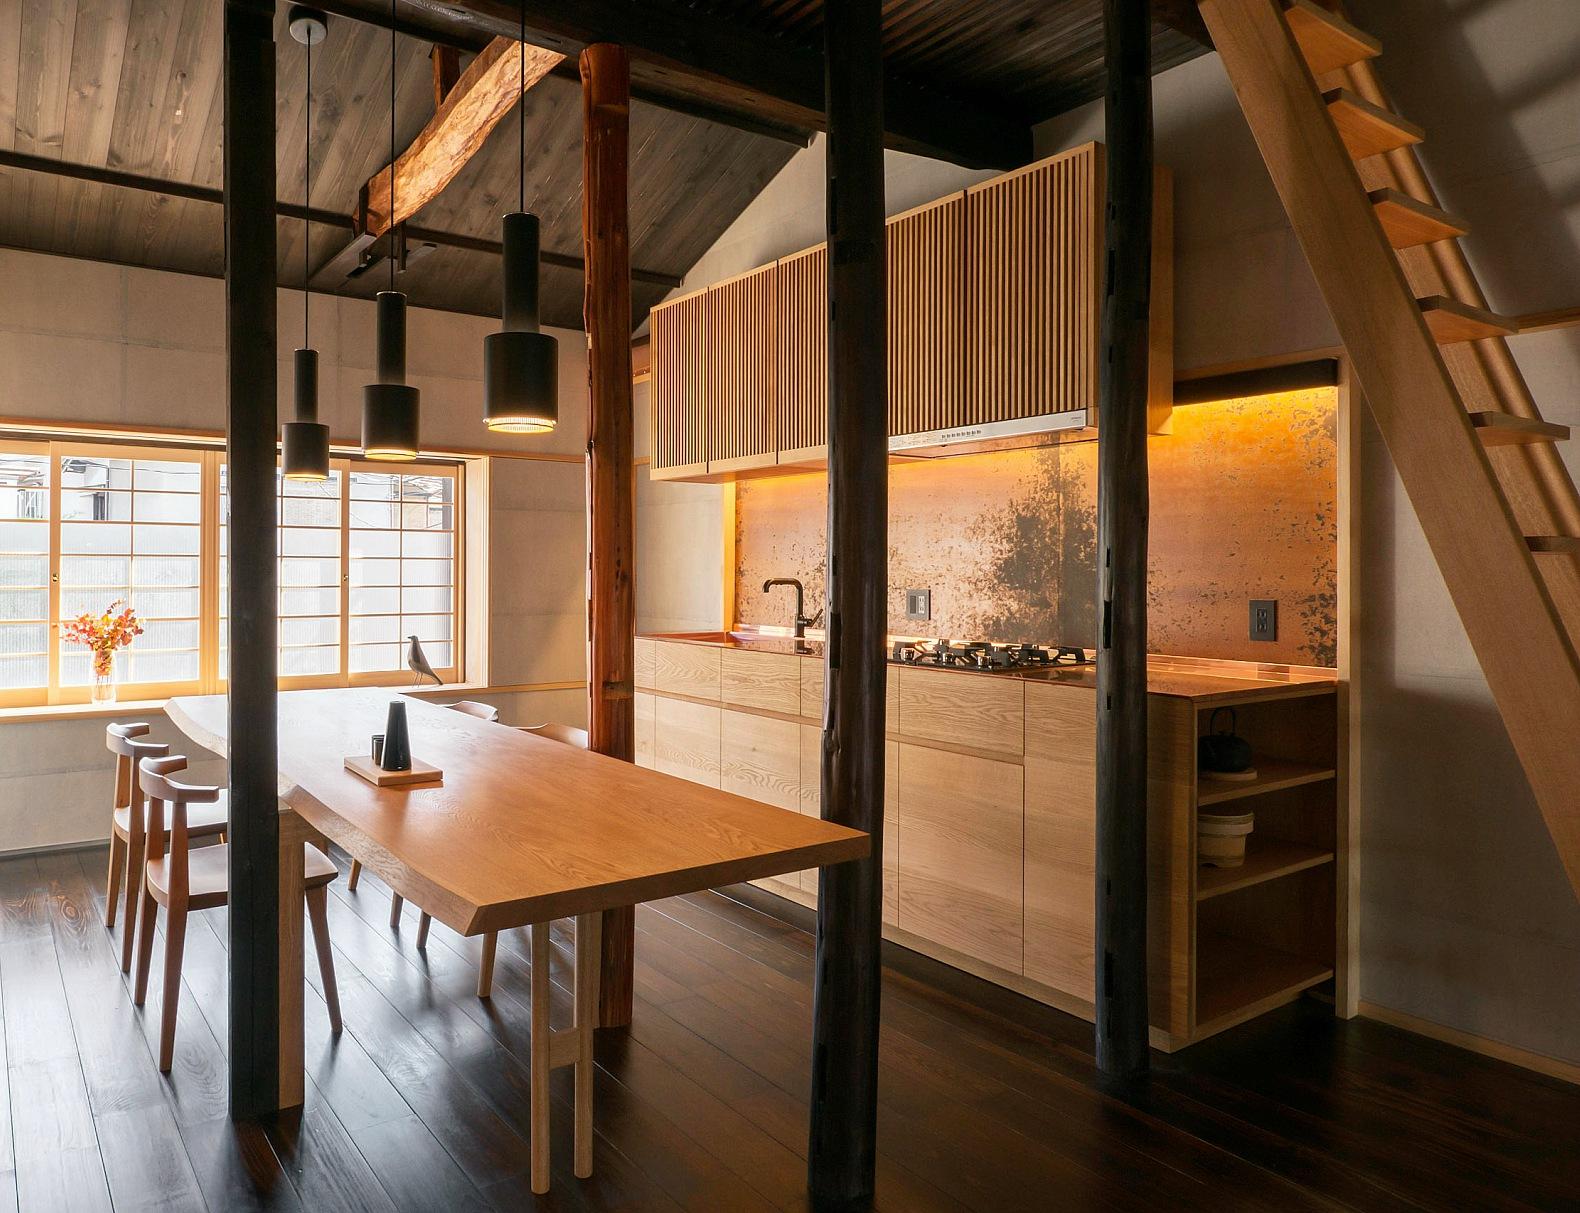 Японский интерьер с кухонным гарнитуром